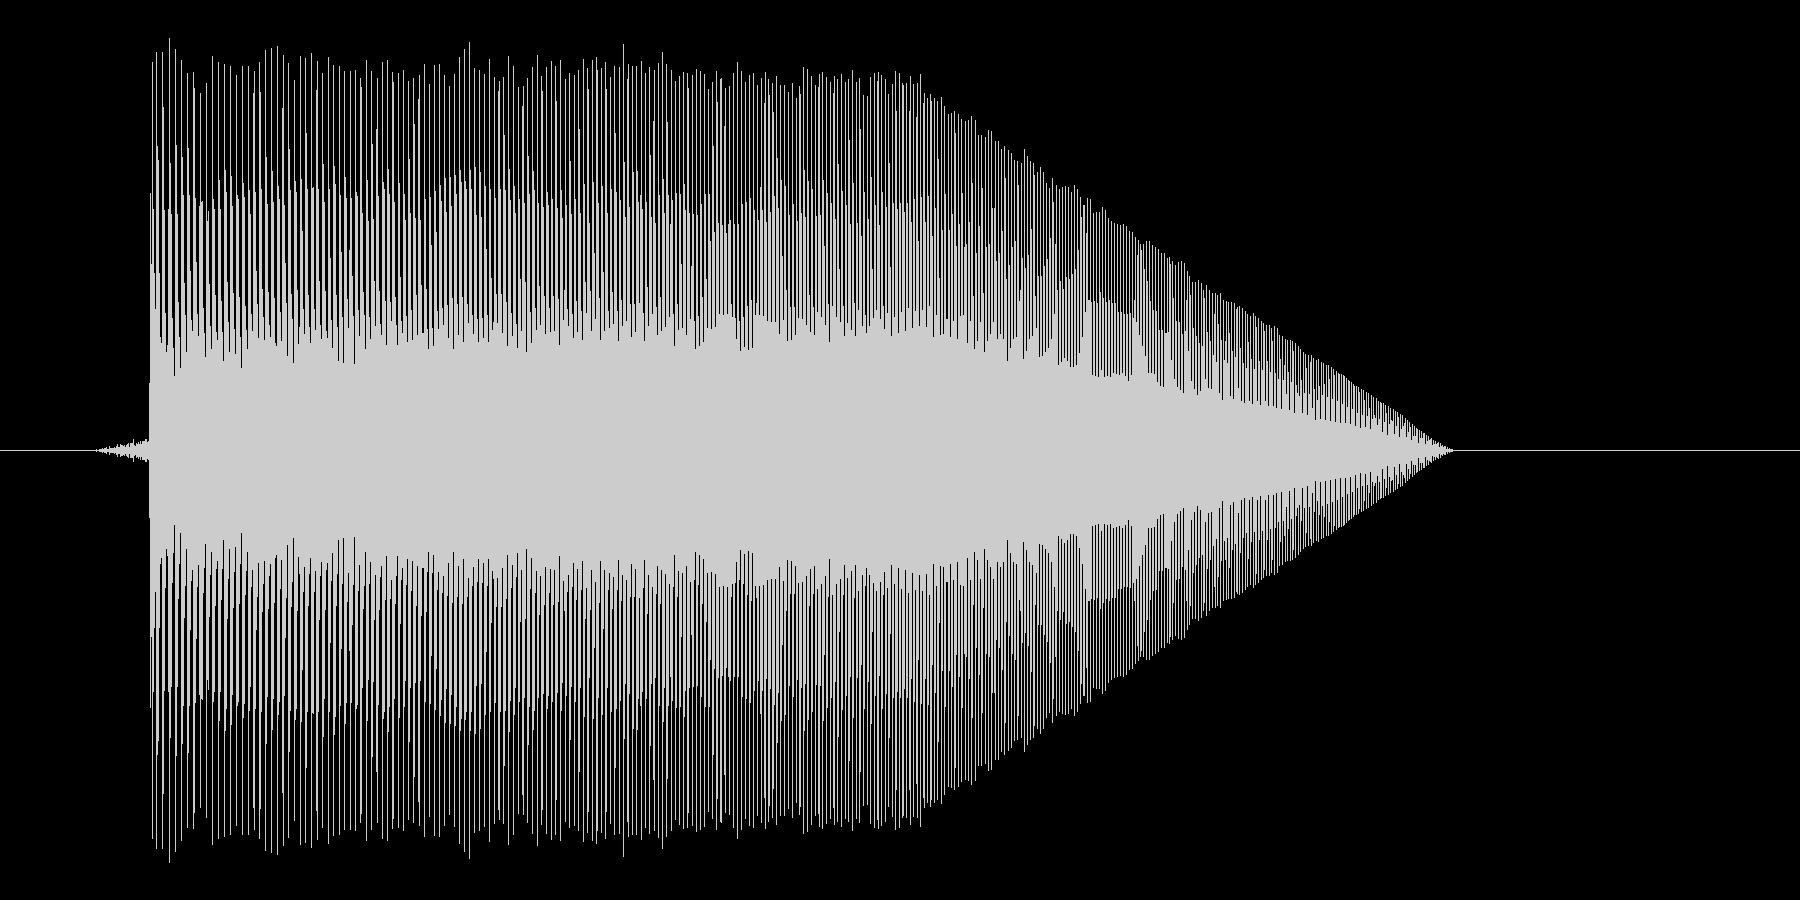 ゲーム(ファミコン風)ジャンプ音_007の未再生の波形